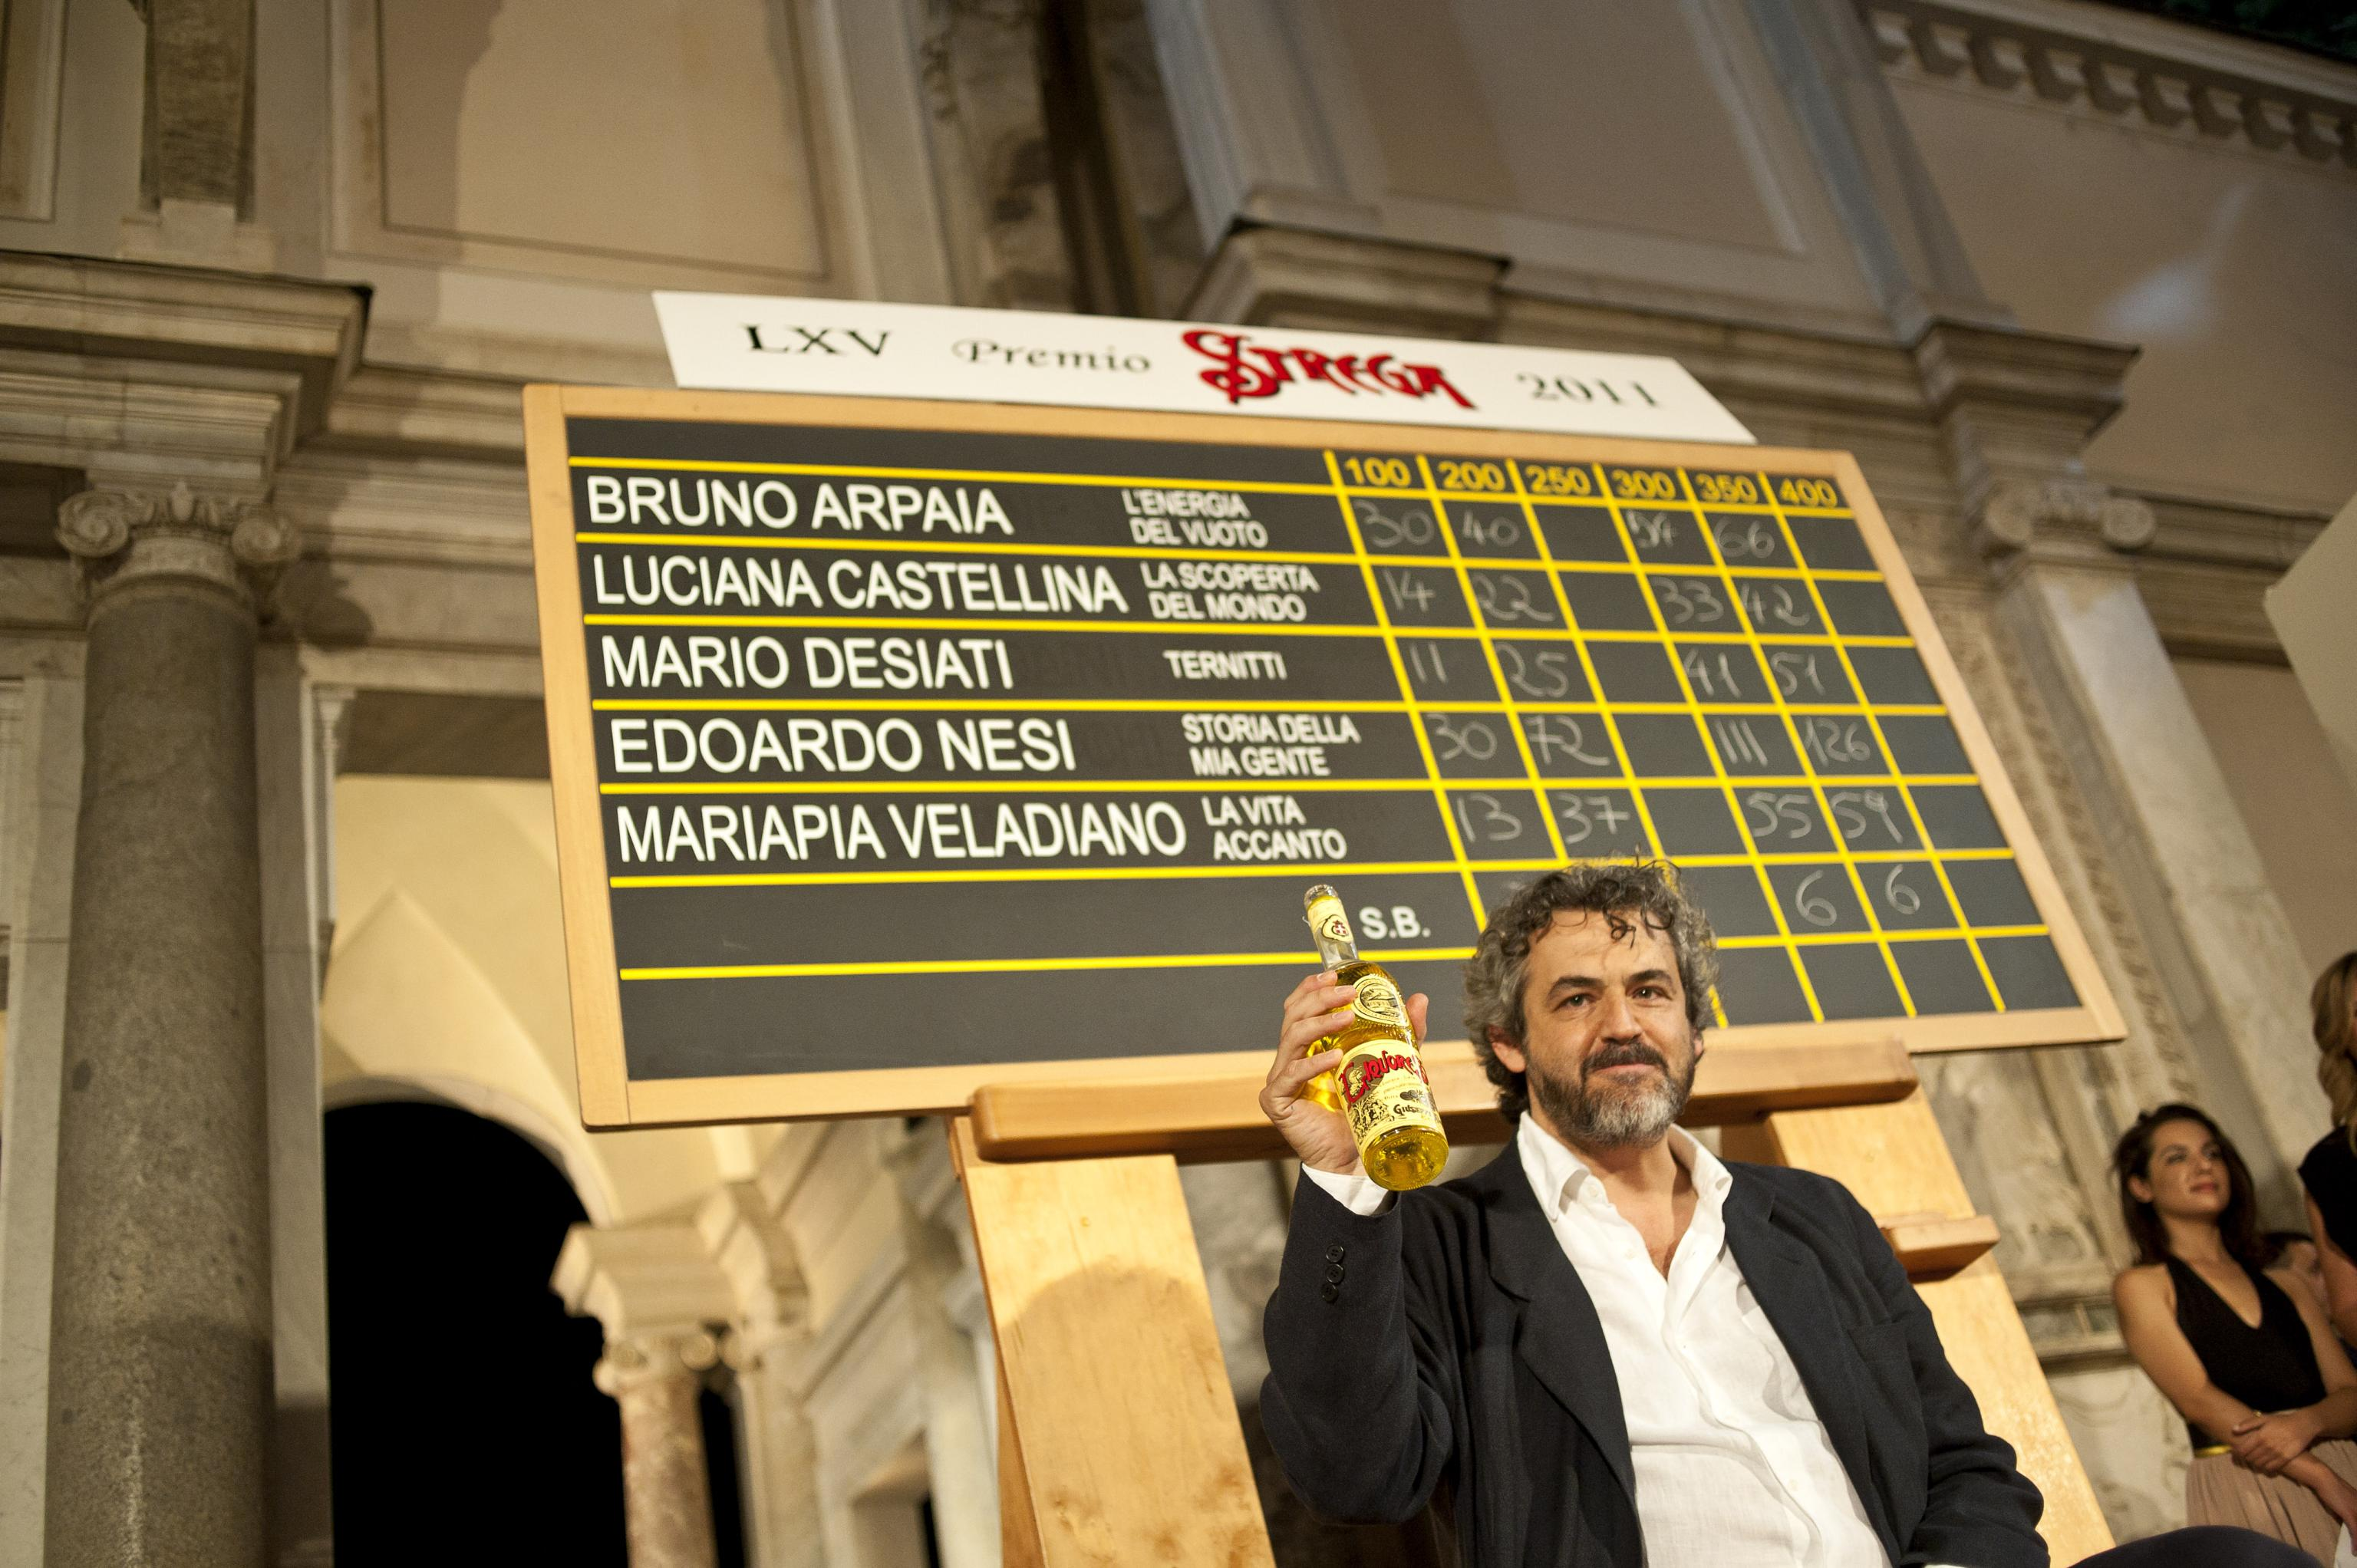 Premio Strega, i libri vincitori degli ultimi 10 anni (e non solo)